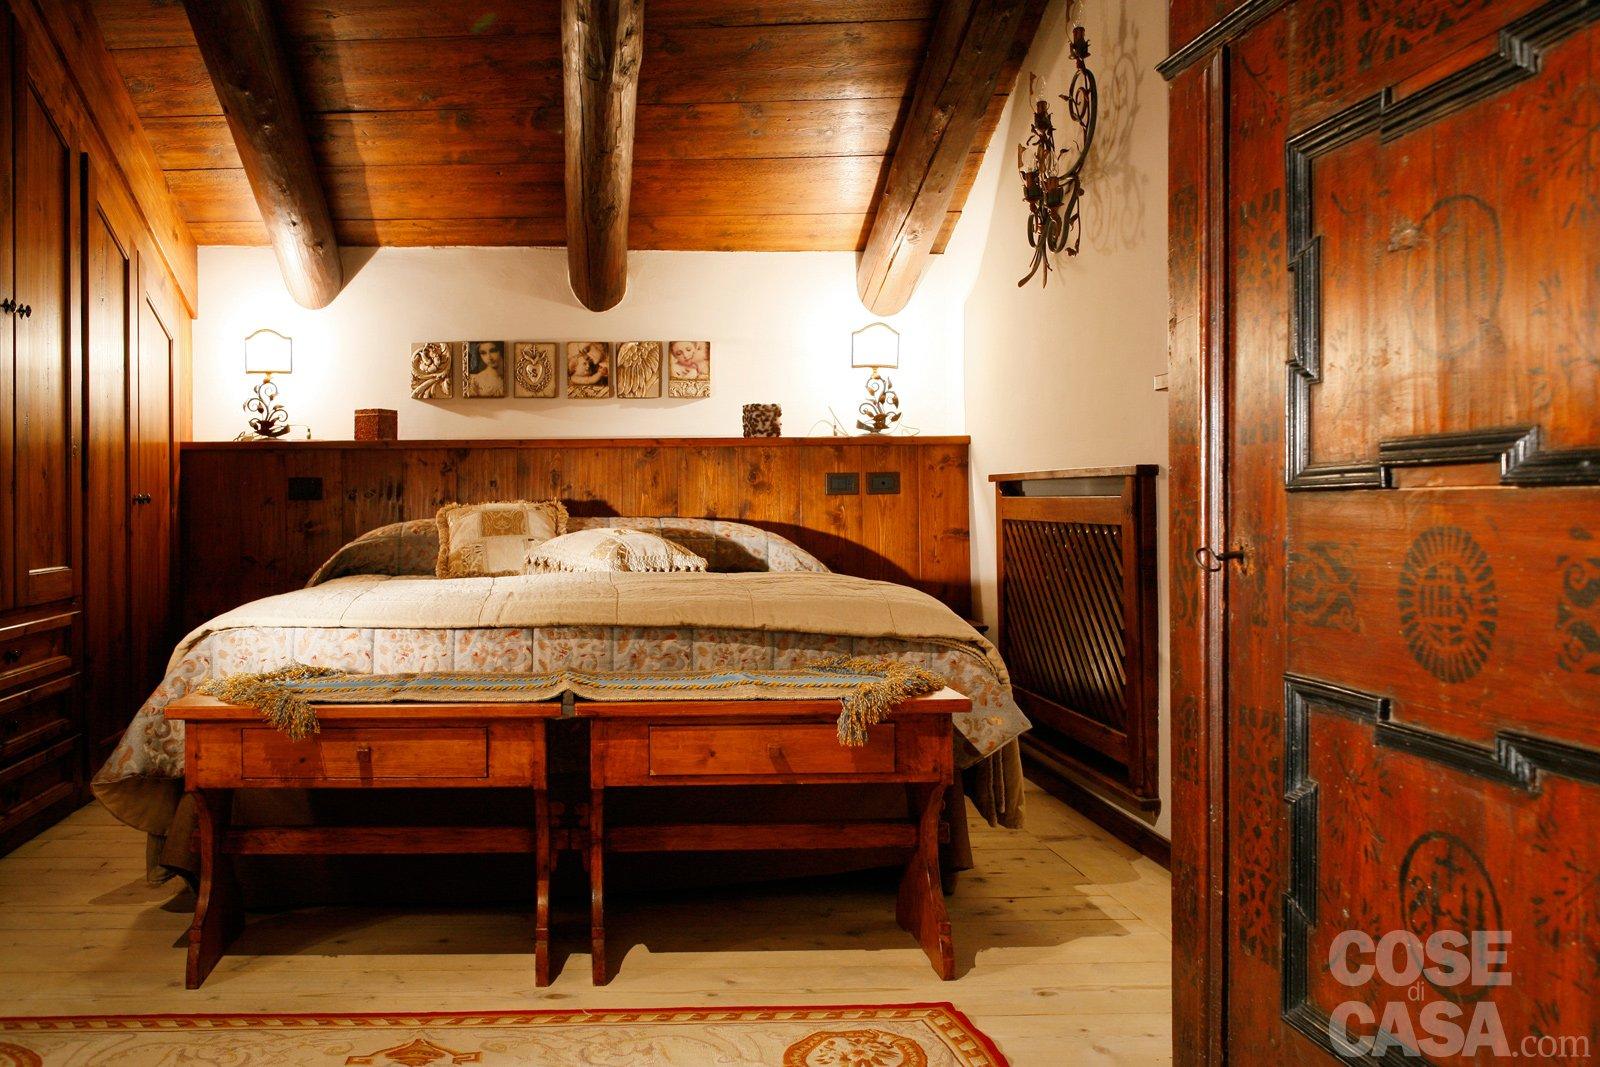 Mansarda tutta legno nuova vita per la casa di montagna cose di casa - Camere da letto di montagna ...